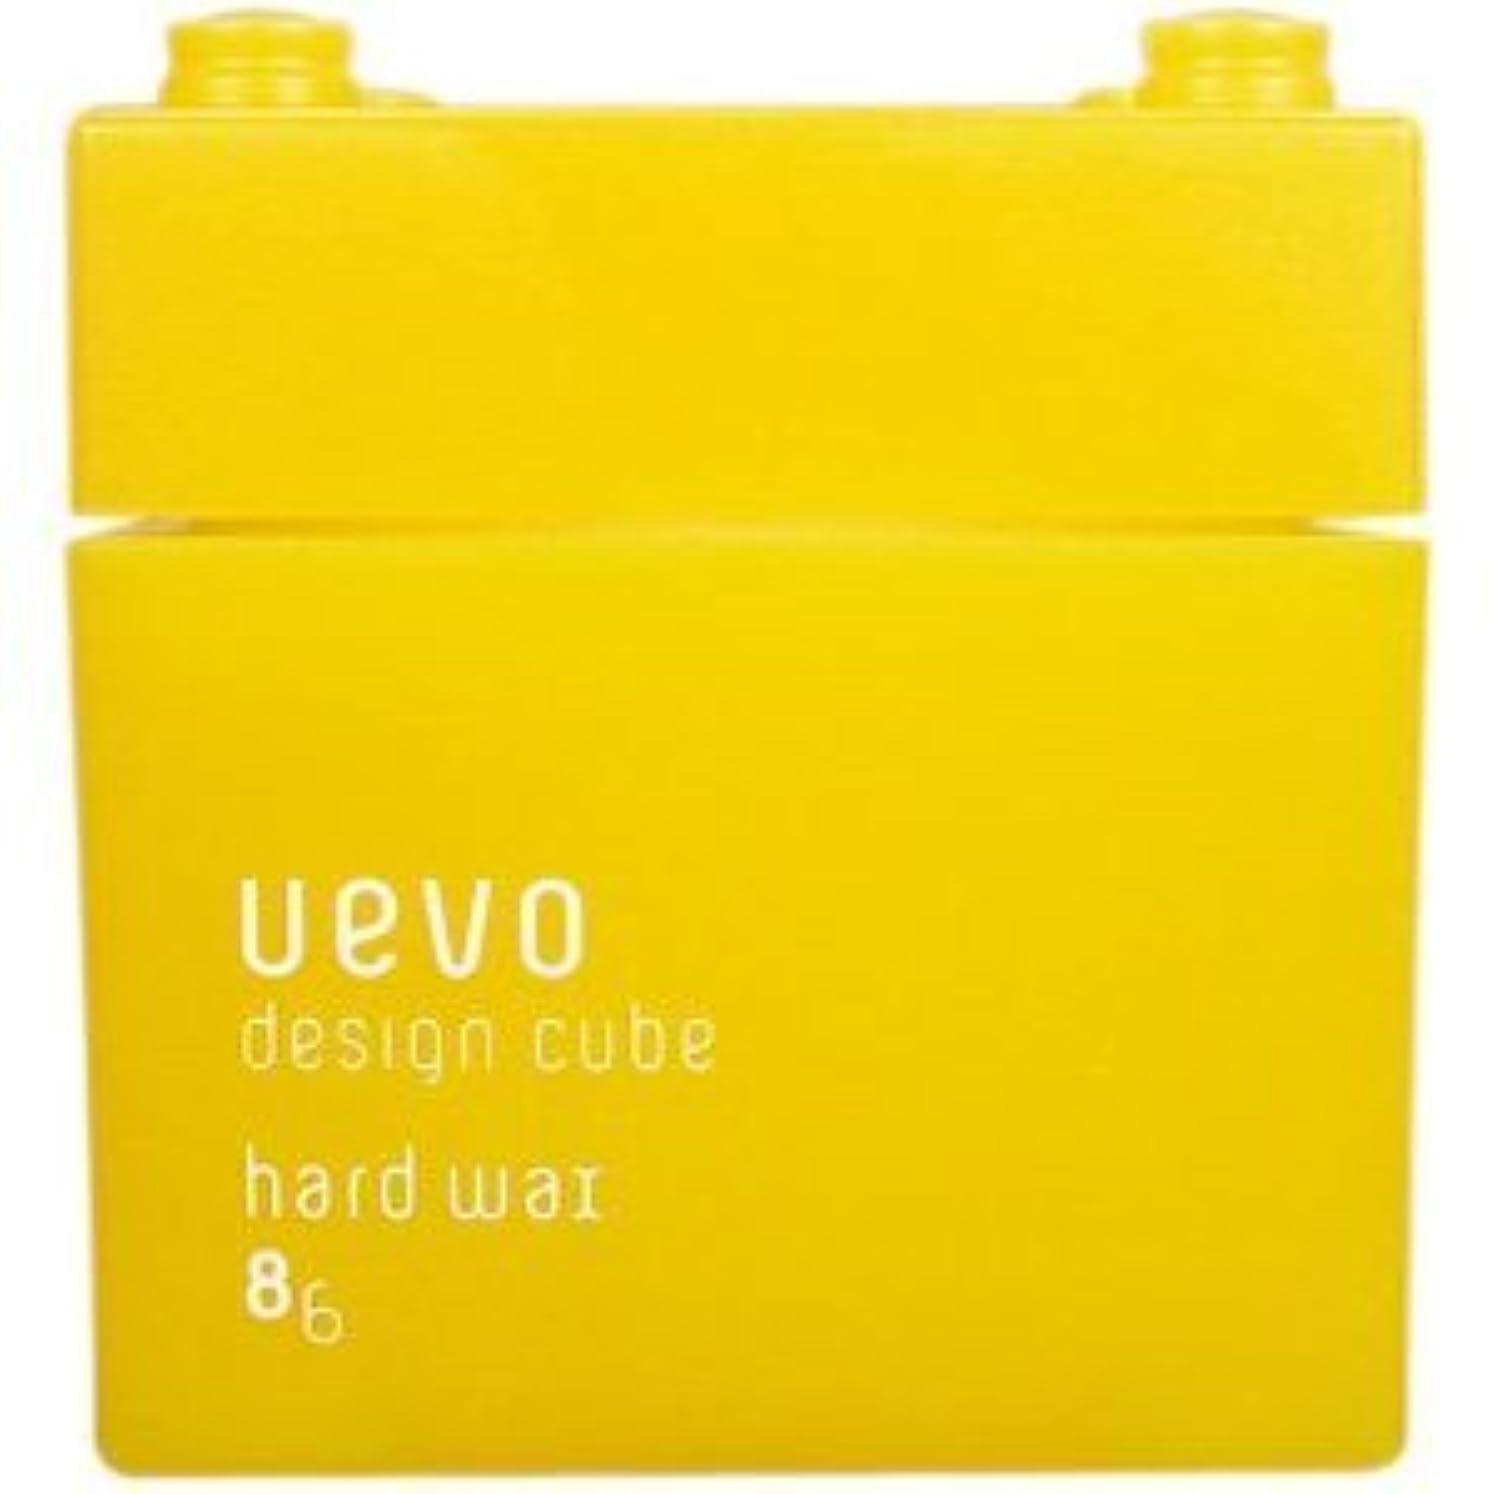 音楽を聴く褒賞言語学【X3個セット】 デミ ウェーボ デザインキューブ ハードワックス 80g hard wax DEMI uevo design cube